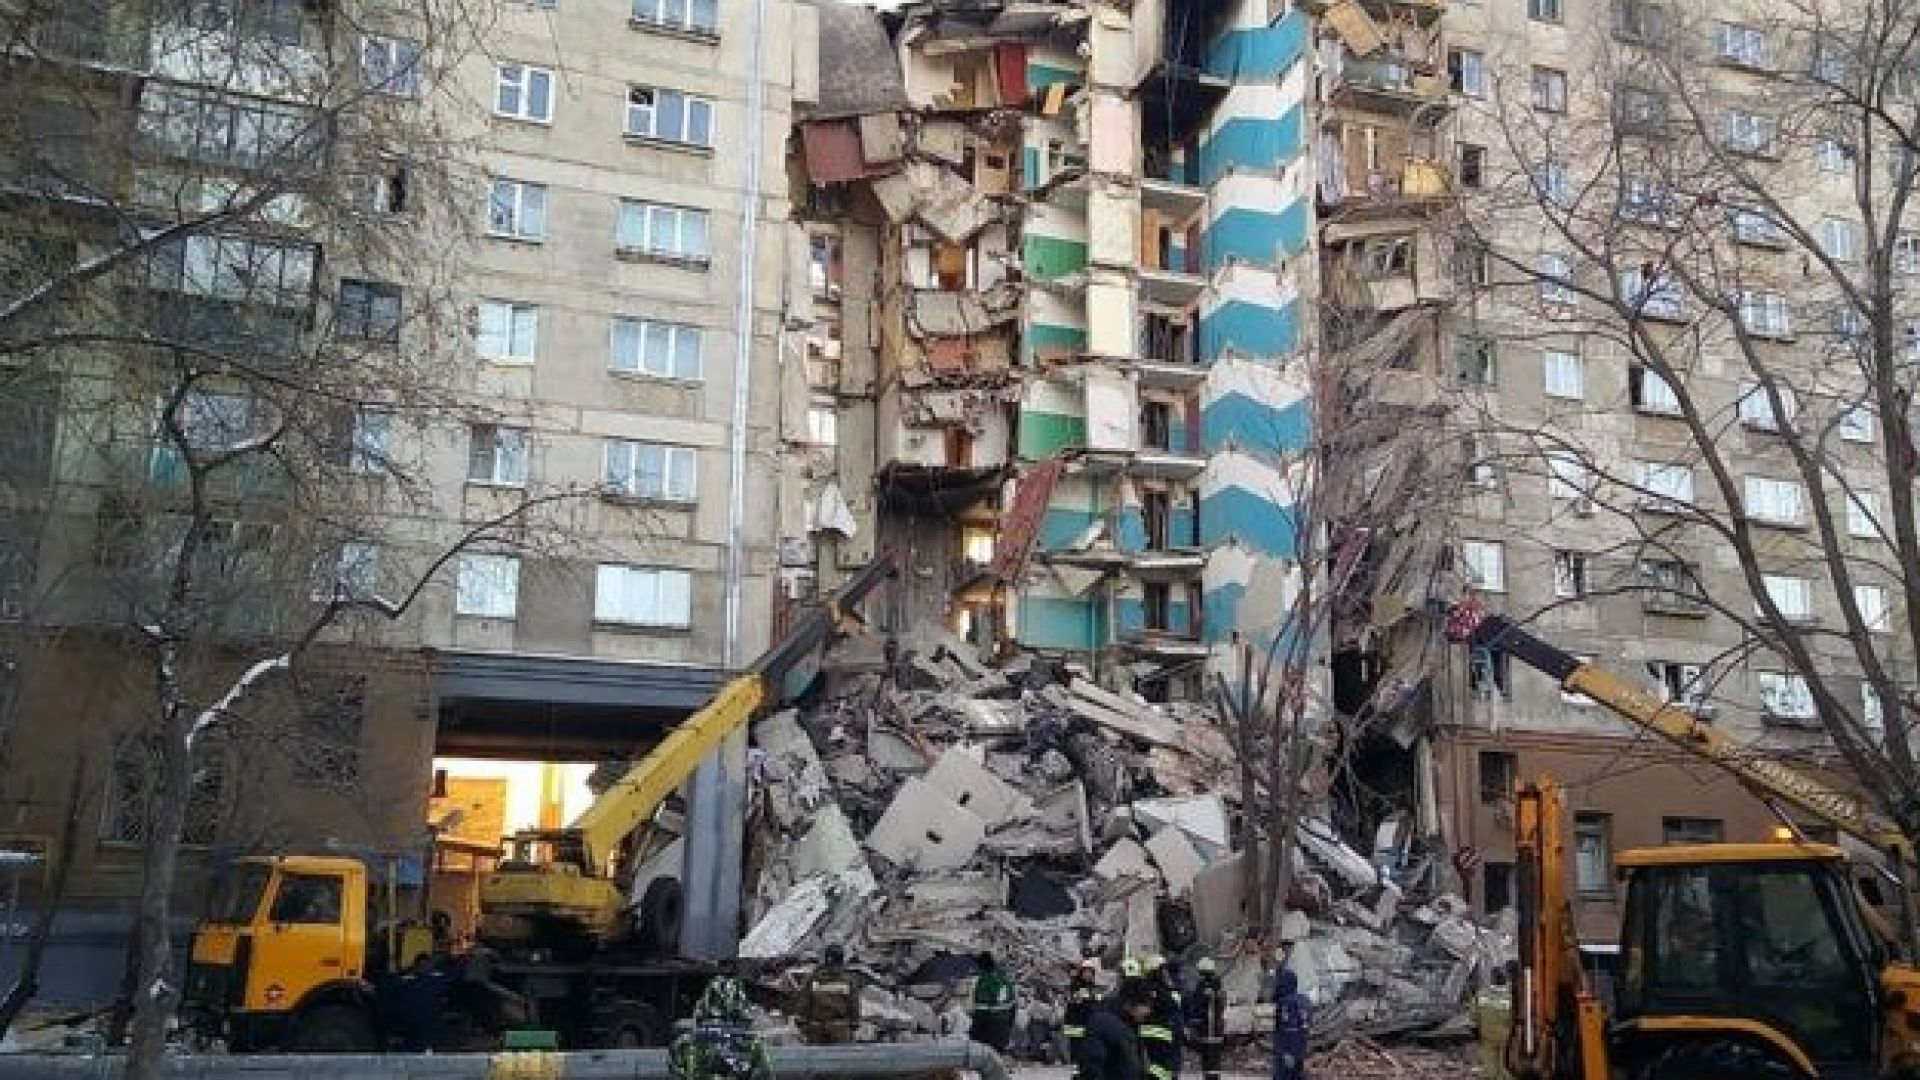 Броят на жертвите в Магнитогорск достигна 11, включително едно дете